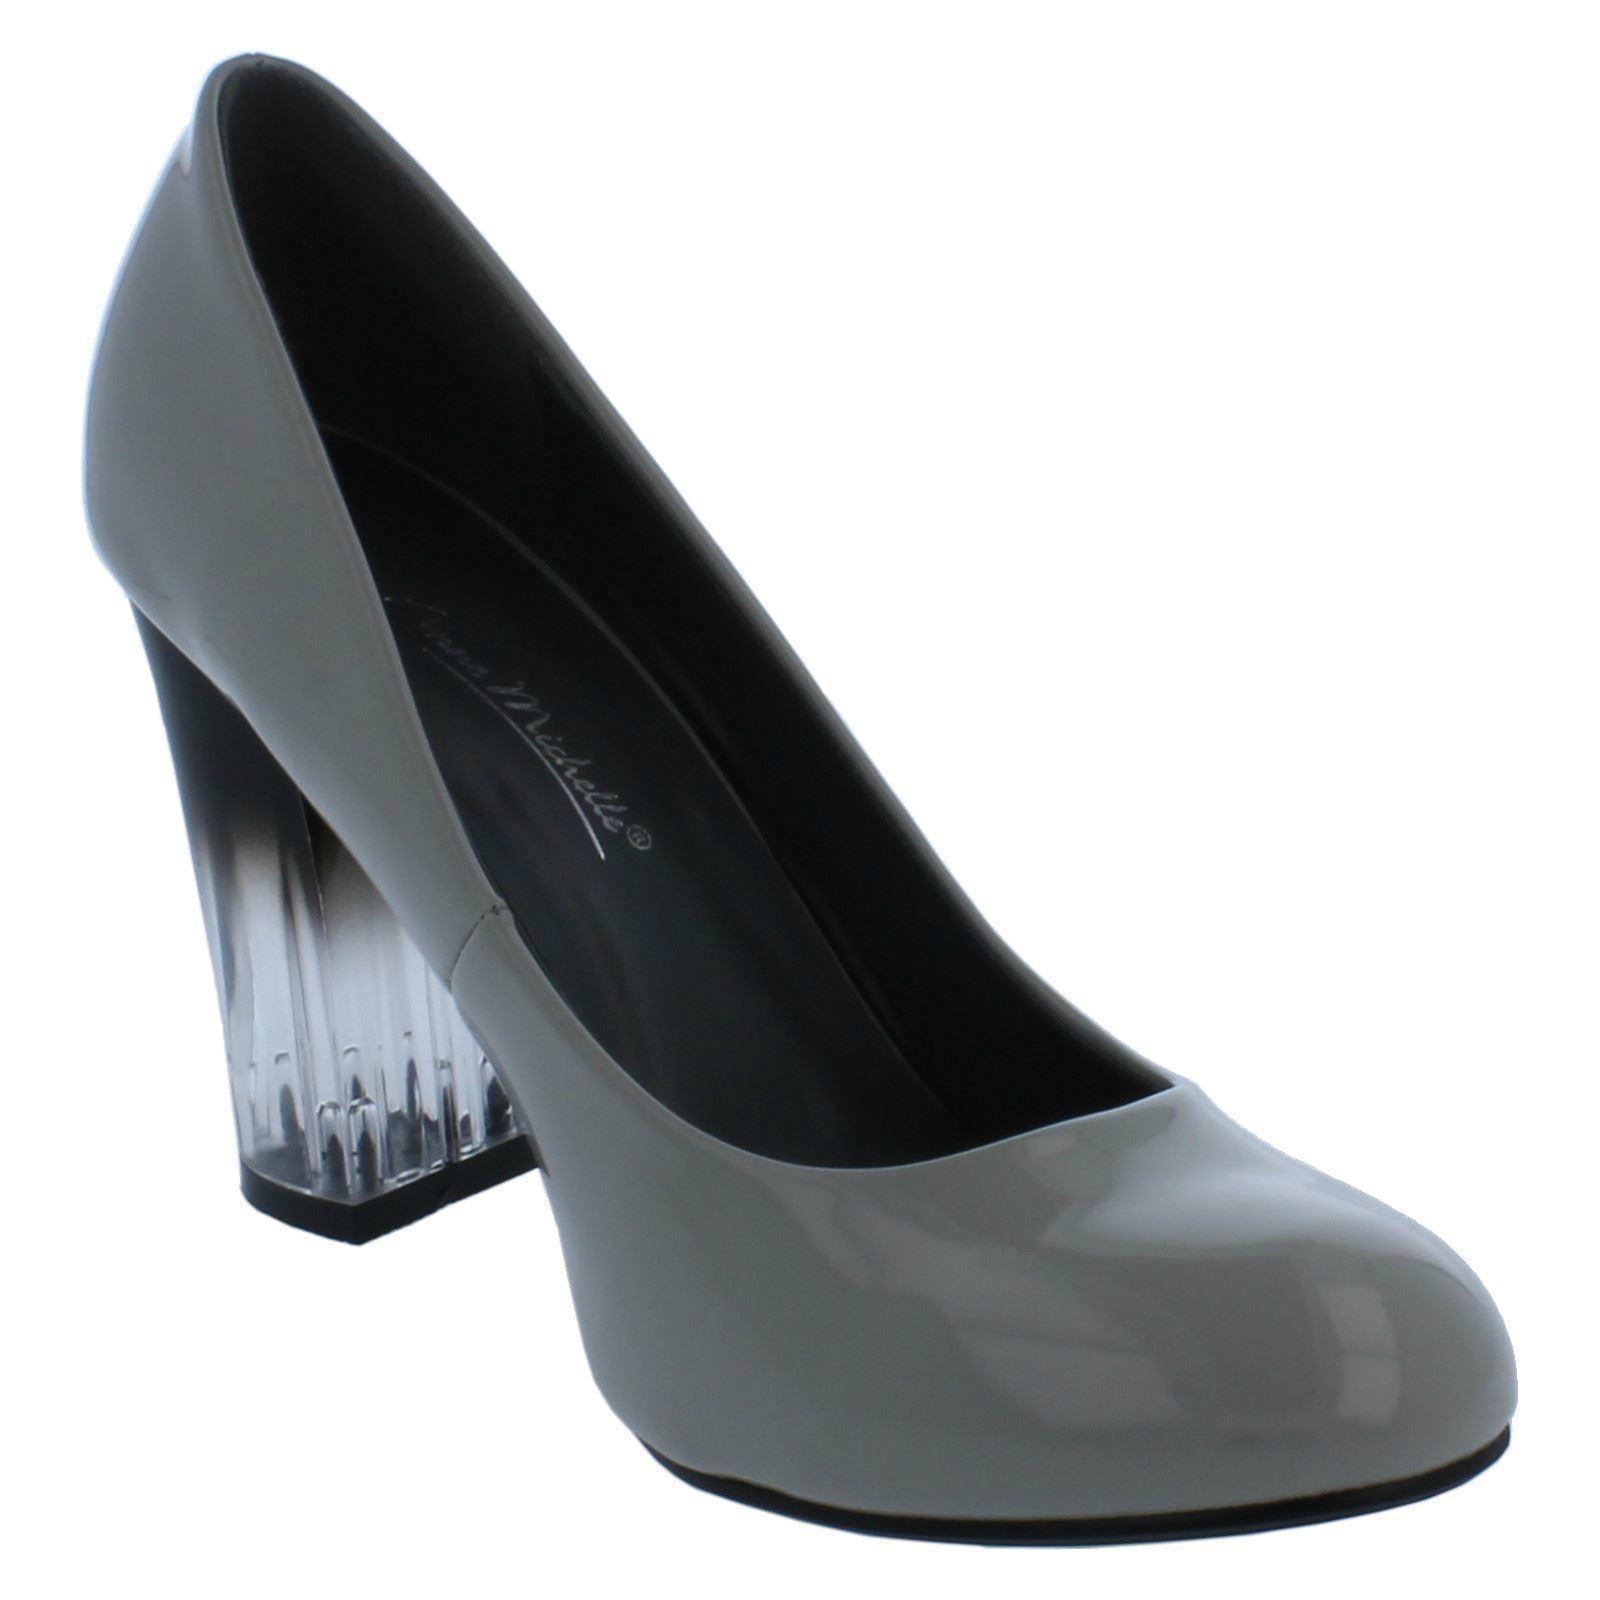 Damas Anne Michelle Claro Bloque Talón Tribunal Zapatos F9921